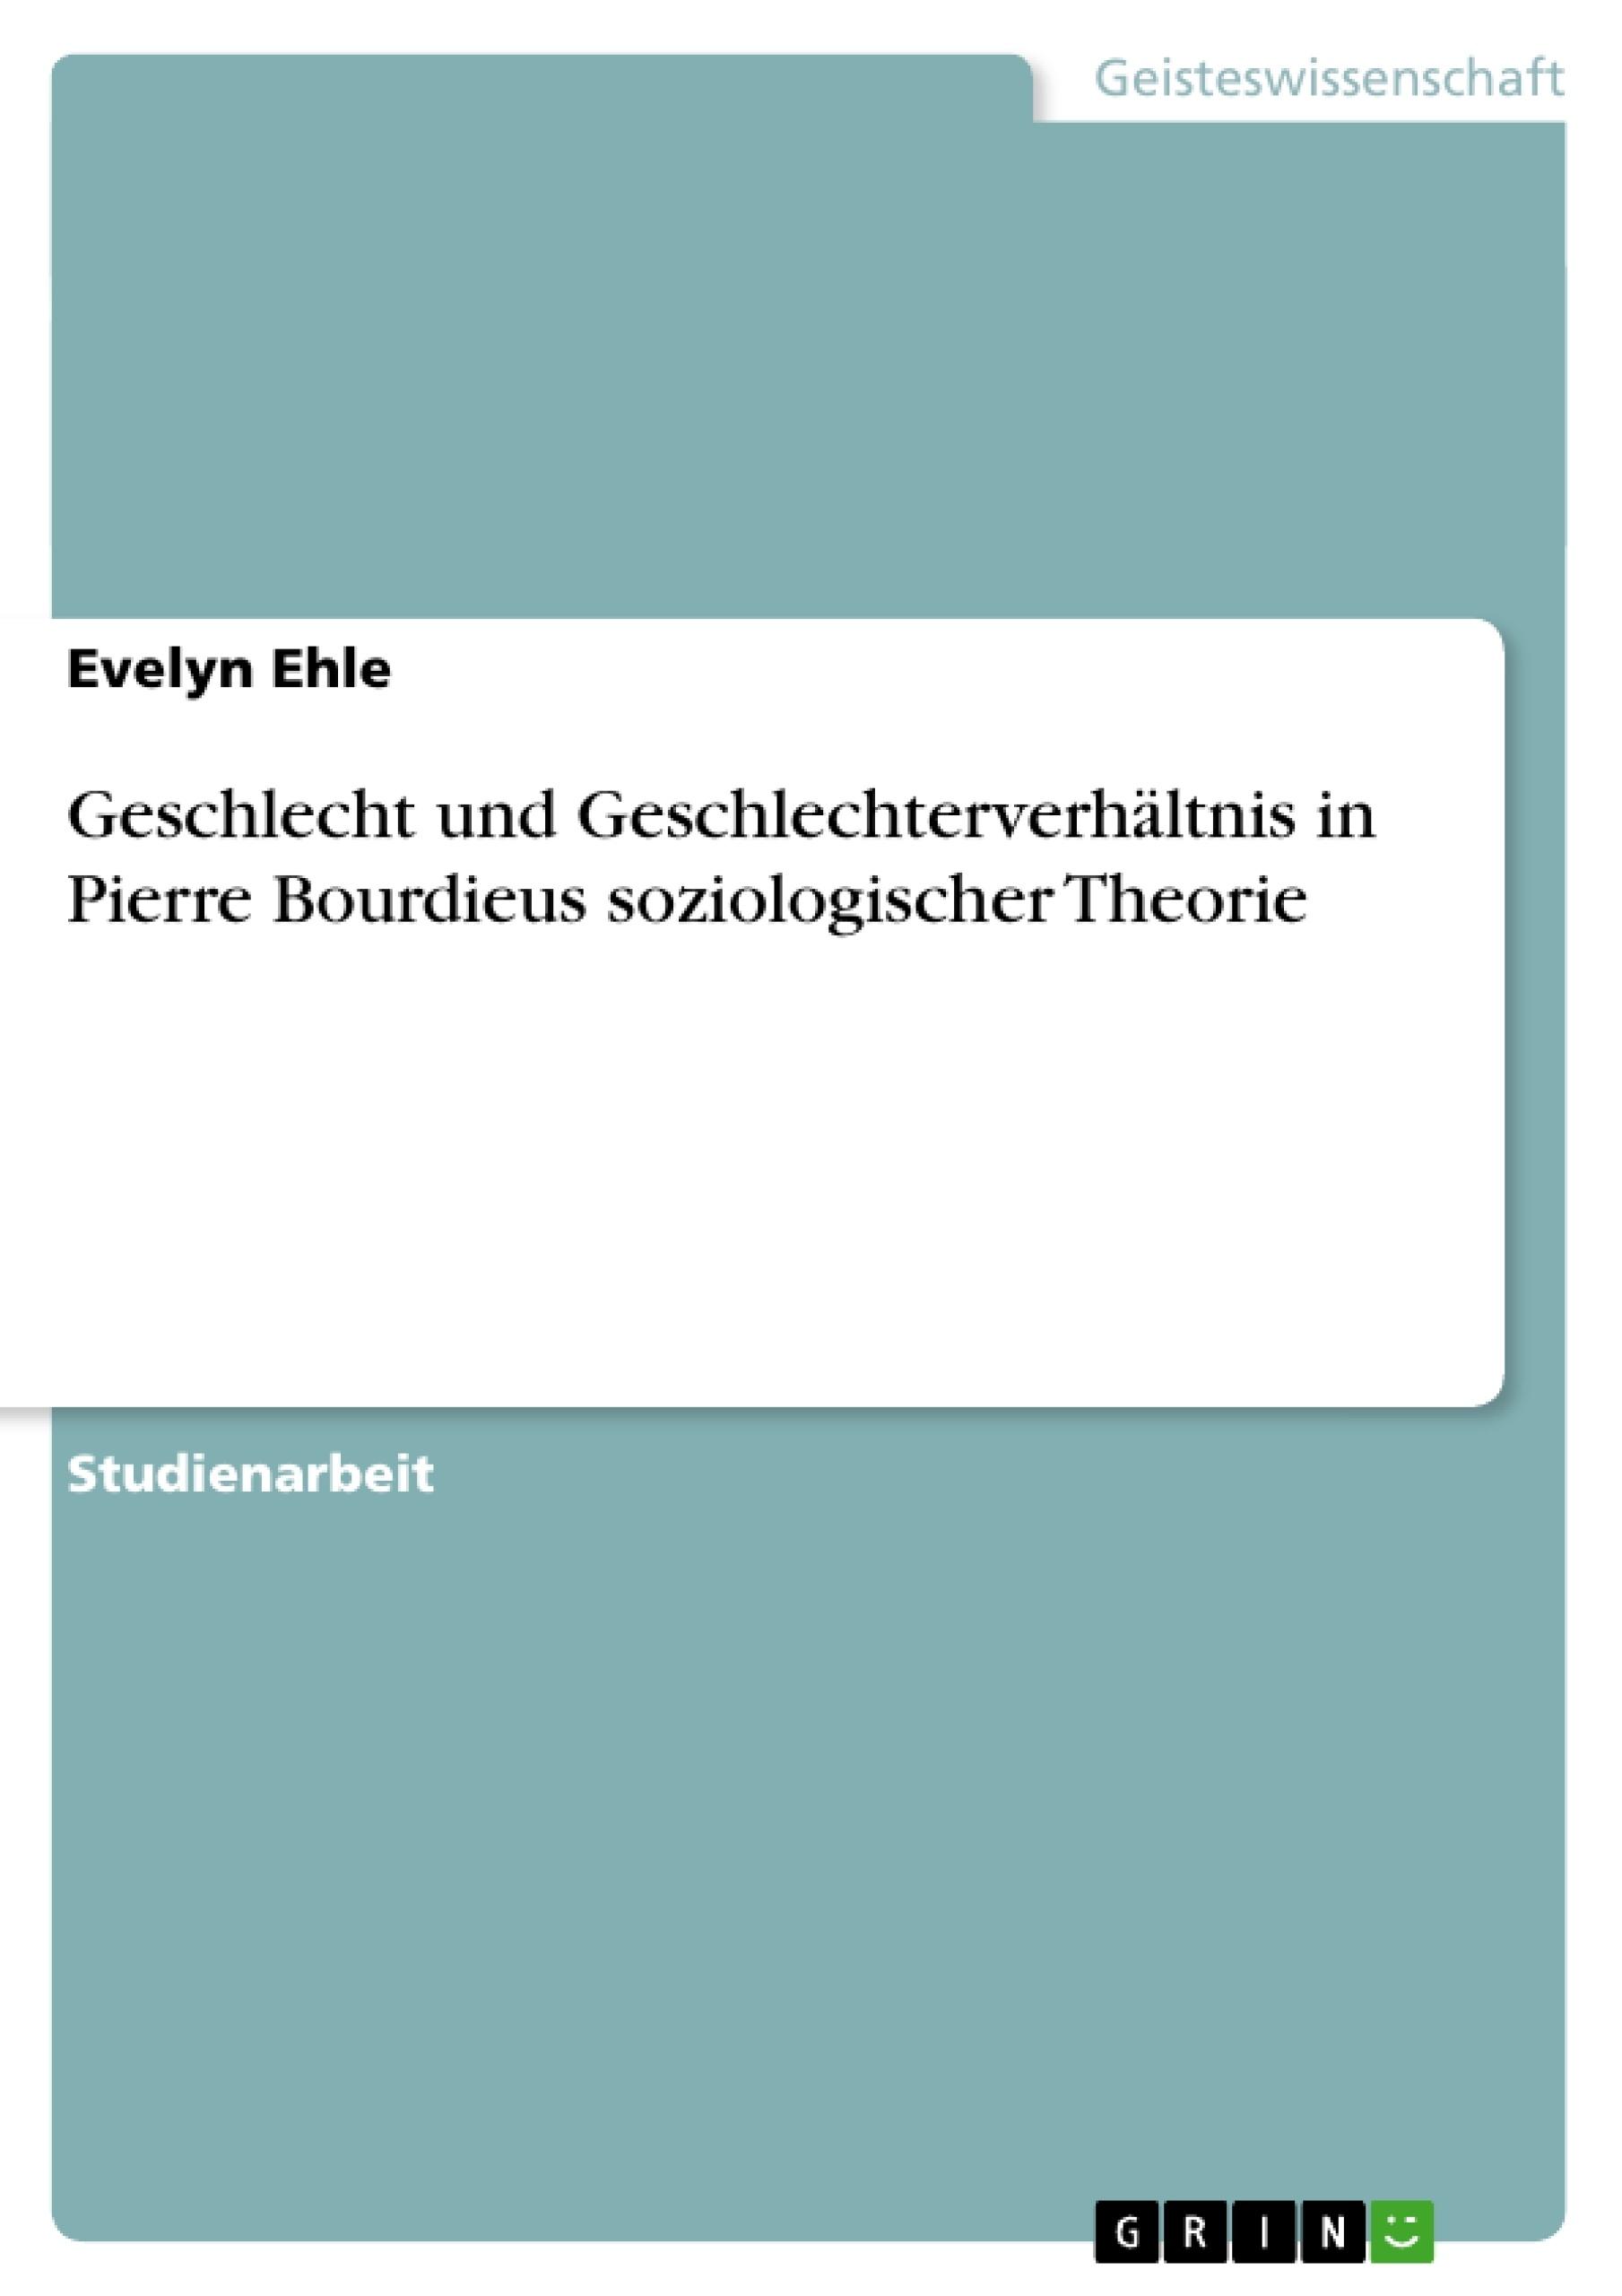 Titel: Geschlecht und Geschlechterverhältnis in Pierre Bourdieus soziologischer Theorie